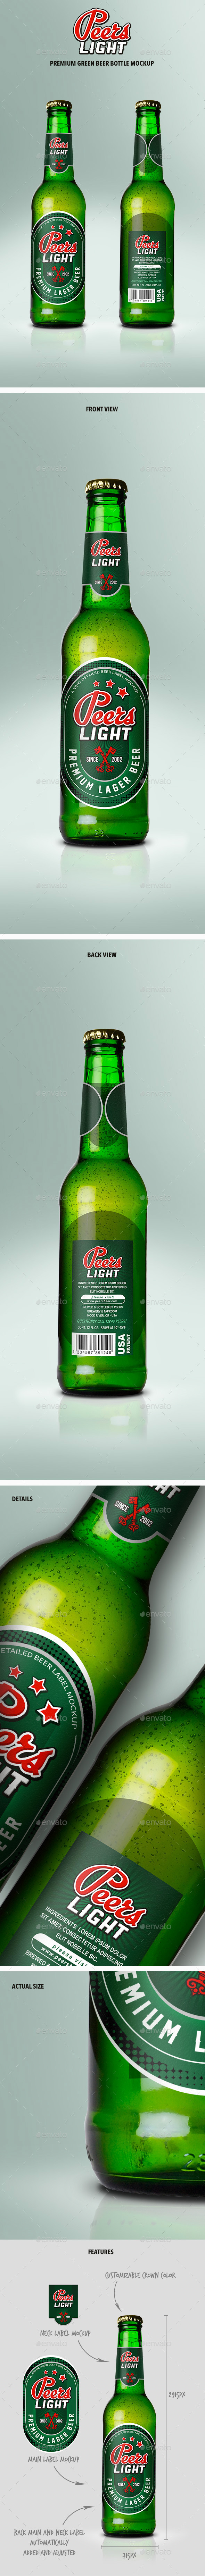 Premium Green Beer Bottle Mockup - Food and Drink Packaging